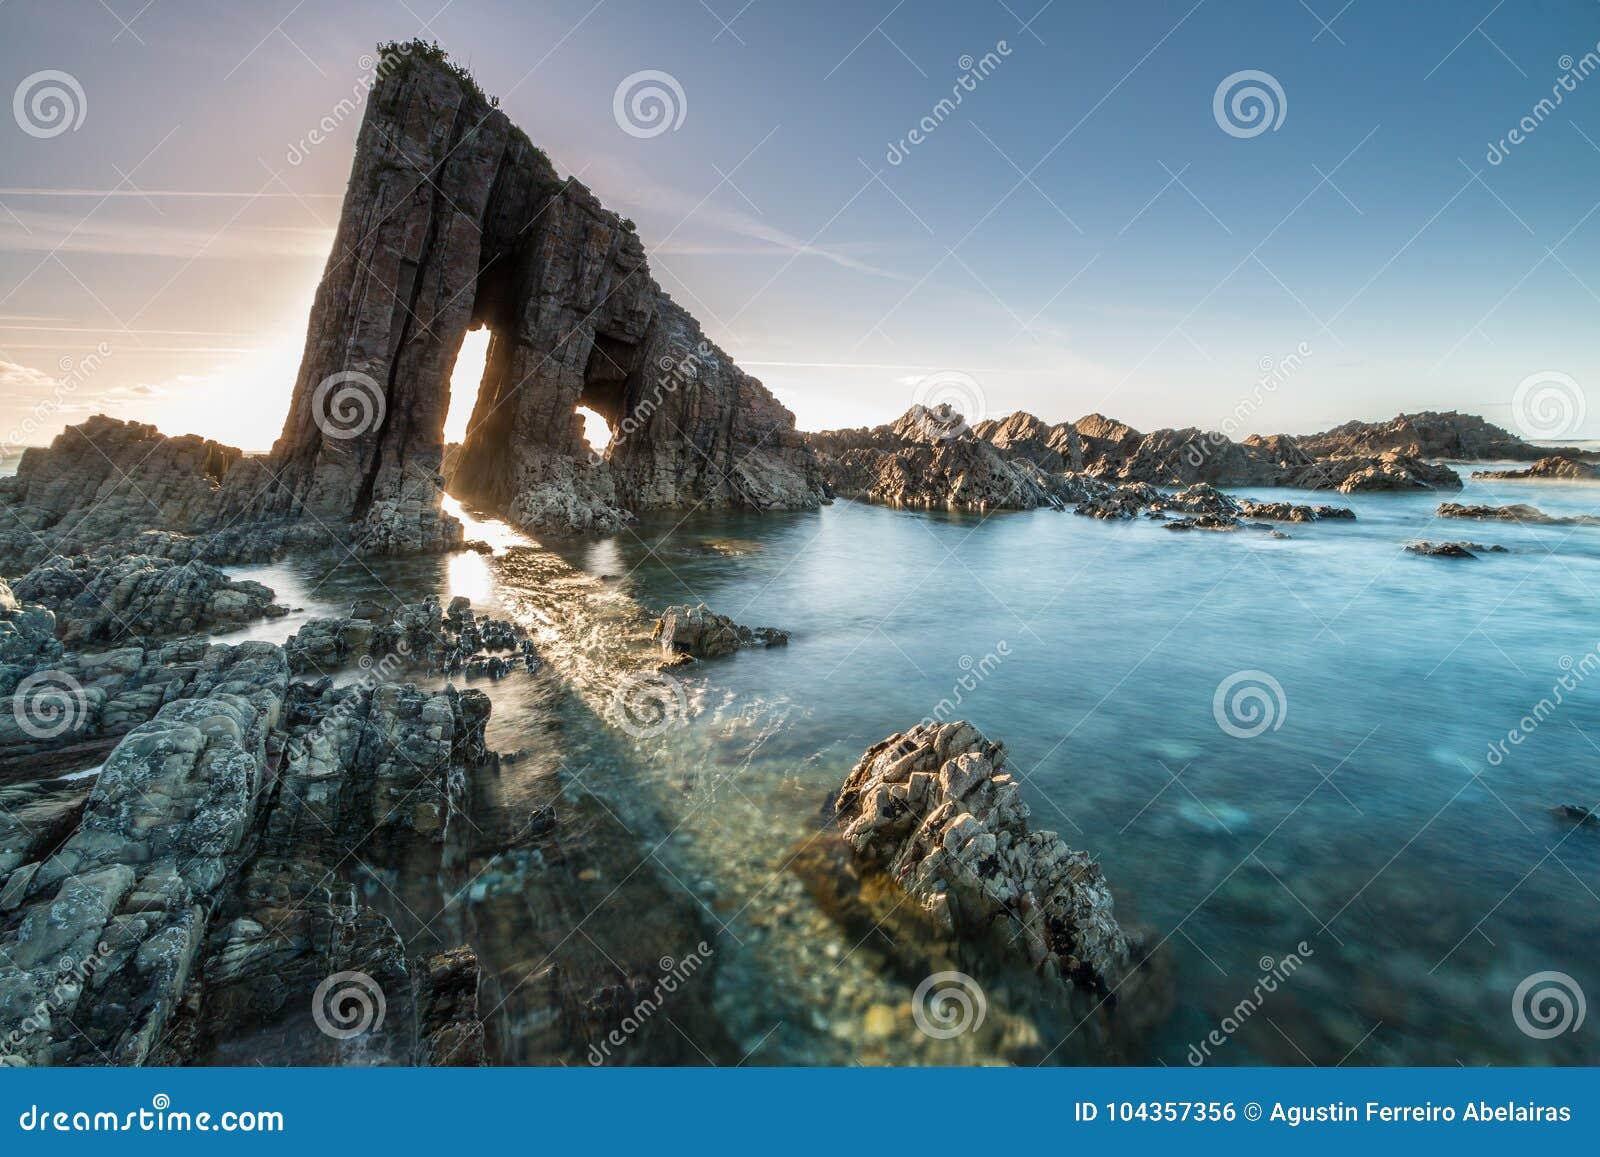 Magical monolith in Asturian beach